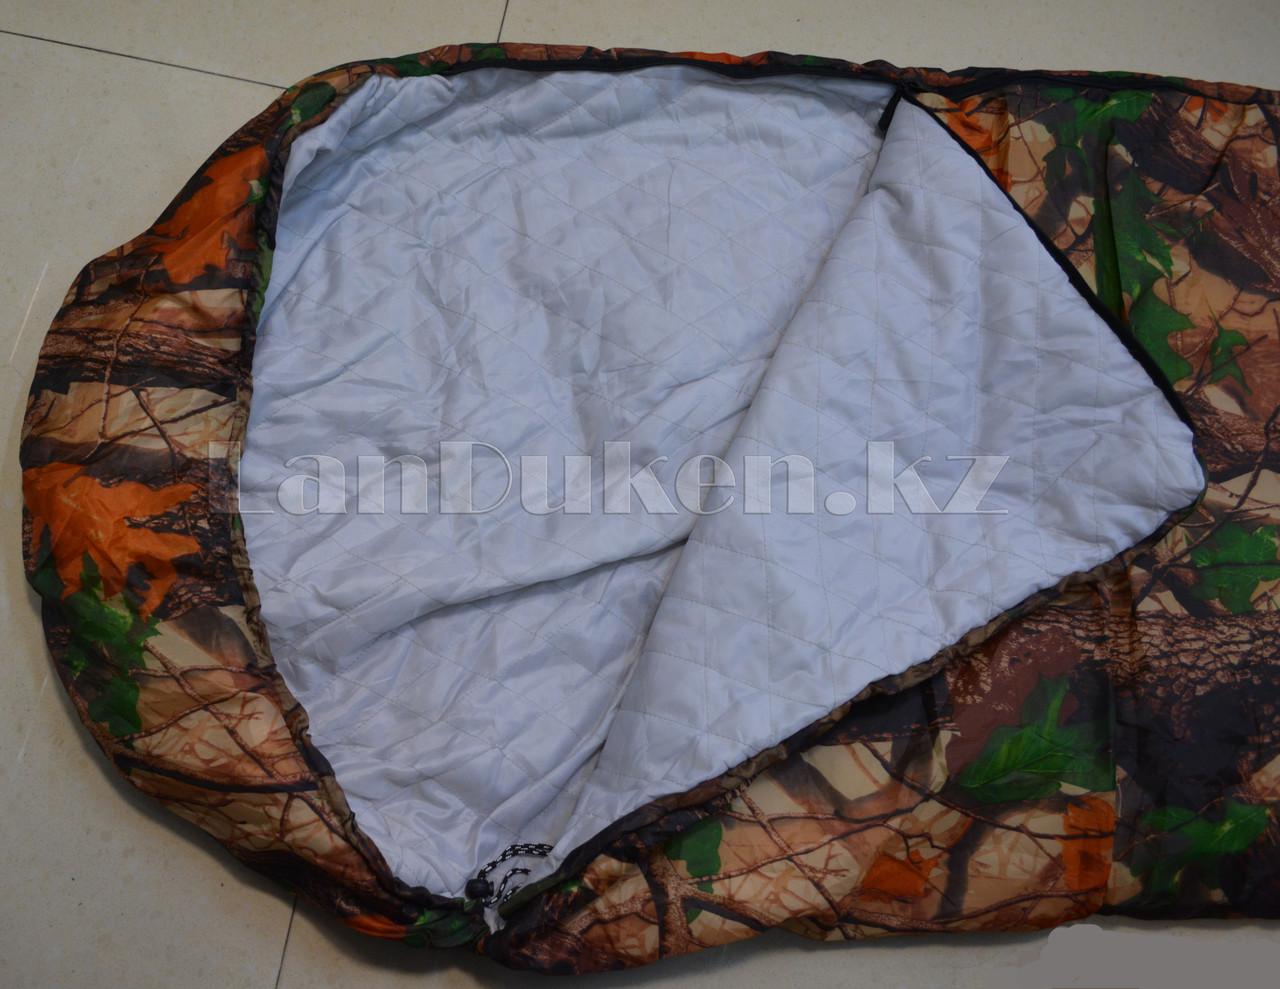 Камуфляжный спальный мешок (под осенний лес) 180х70см с чехлом - фото 2